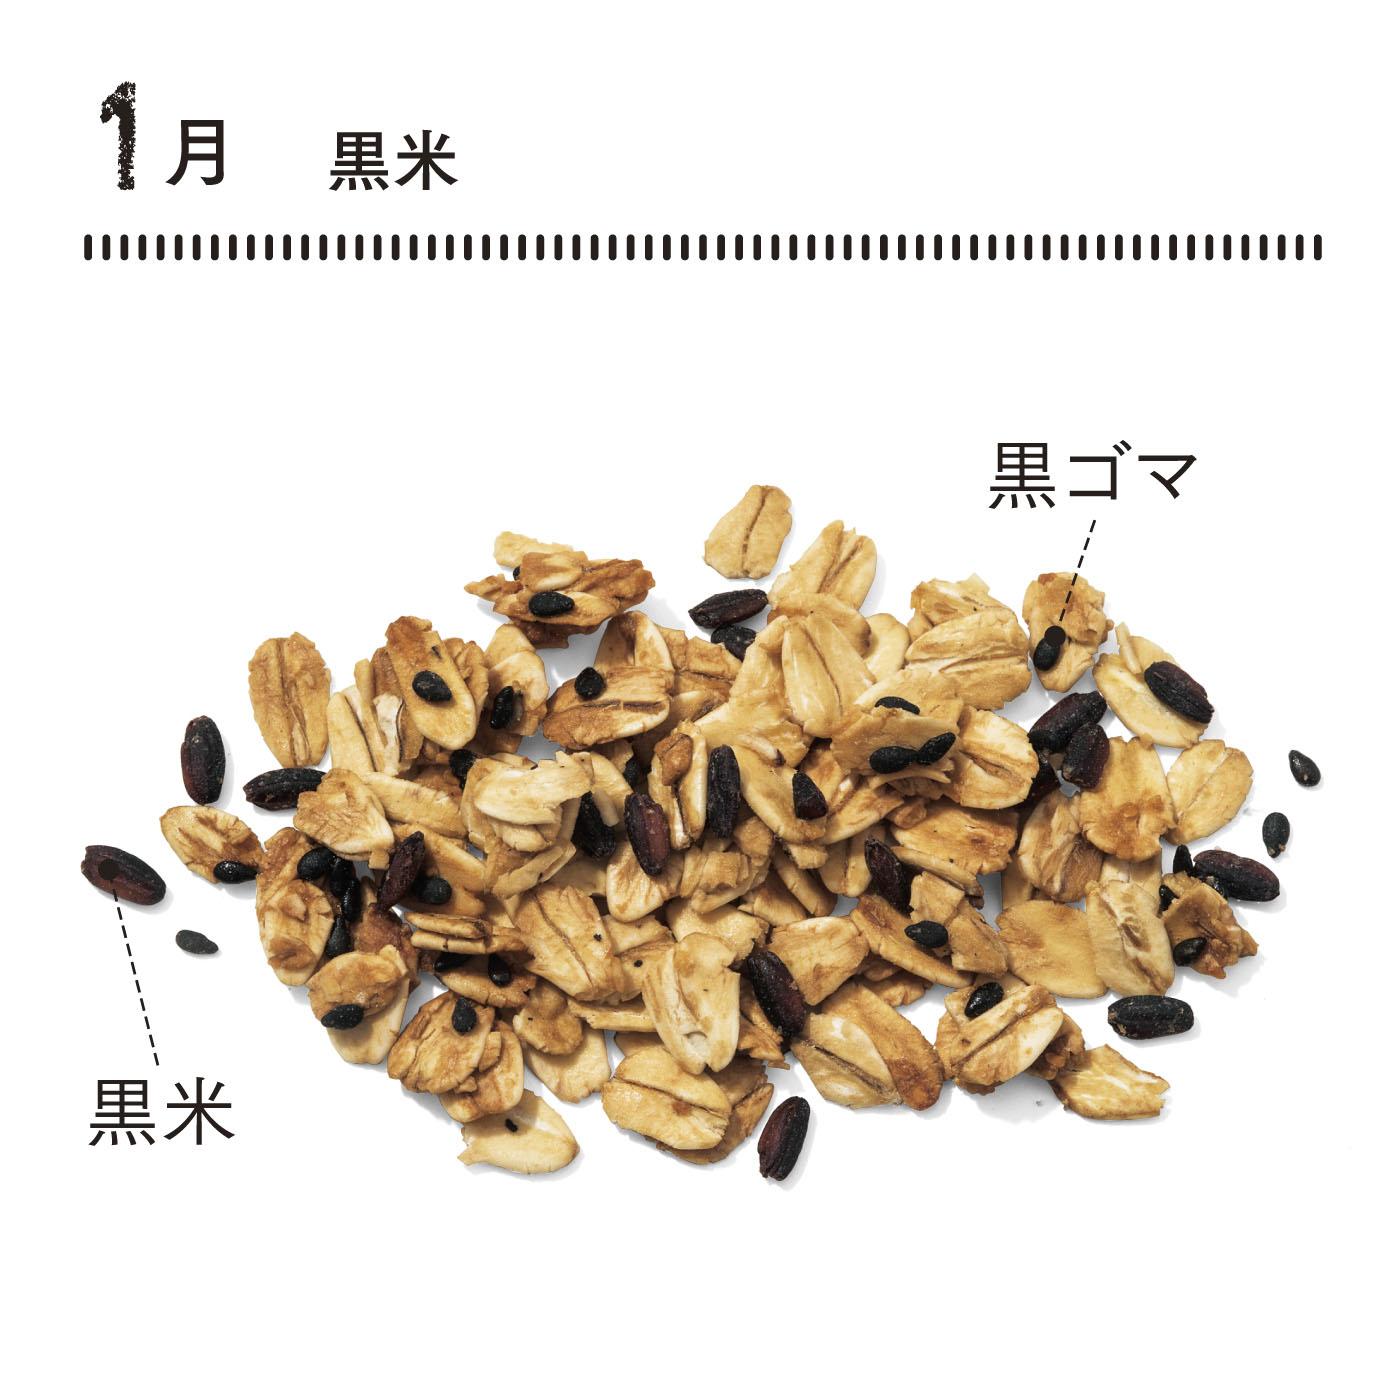 石川県産黒米と醤油を使用した和風グラノーラ。甘さひかえめ、ほんのり塩味で食べ飽きません。